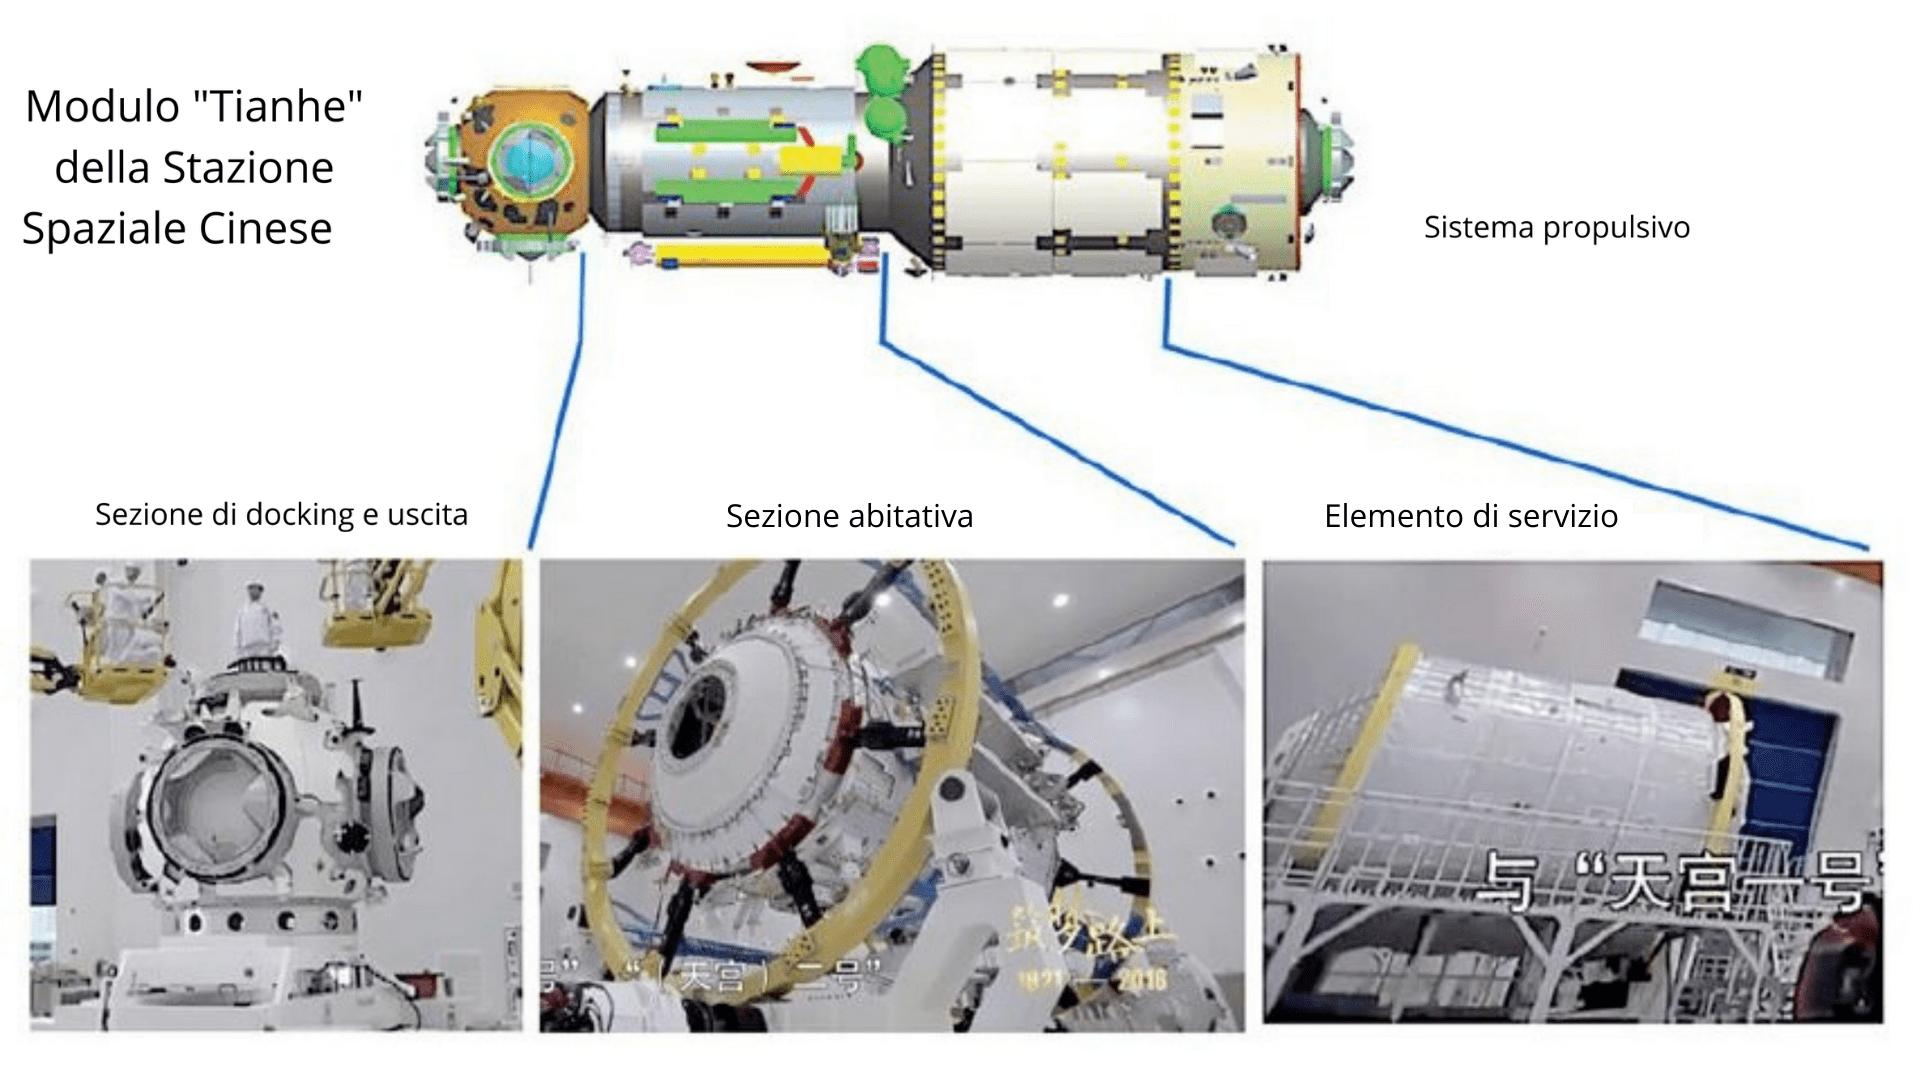 Il modulo Tianhe-1 della Stazione Spaziale Cinese. In basso le componenti di questo modulo in costruzione. Traduzione: Astrospace.it Credits: Space Shuttle Almanac